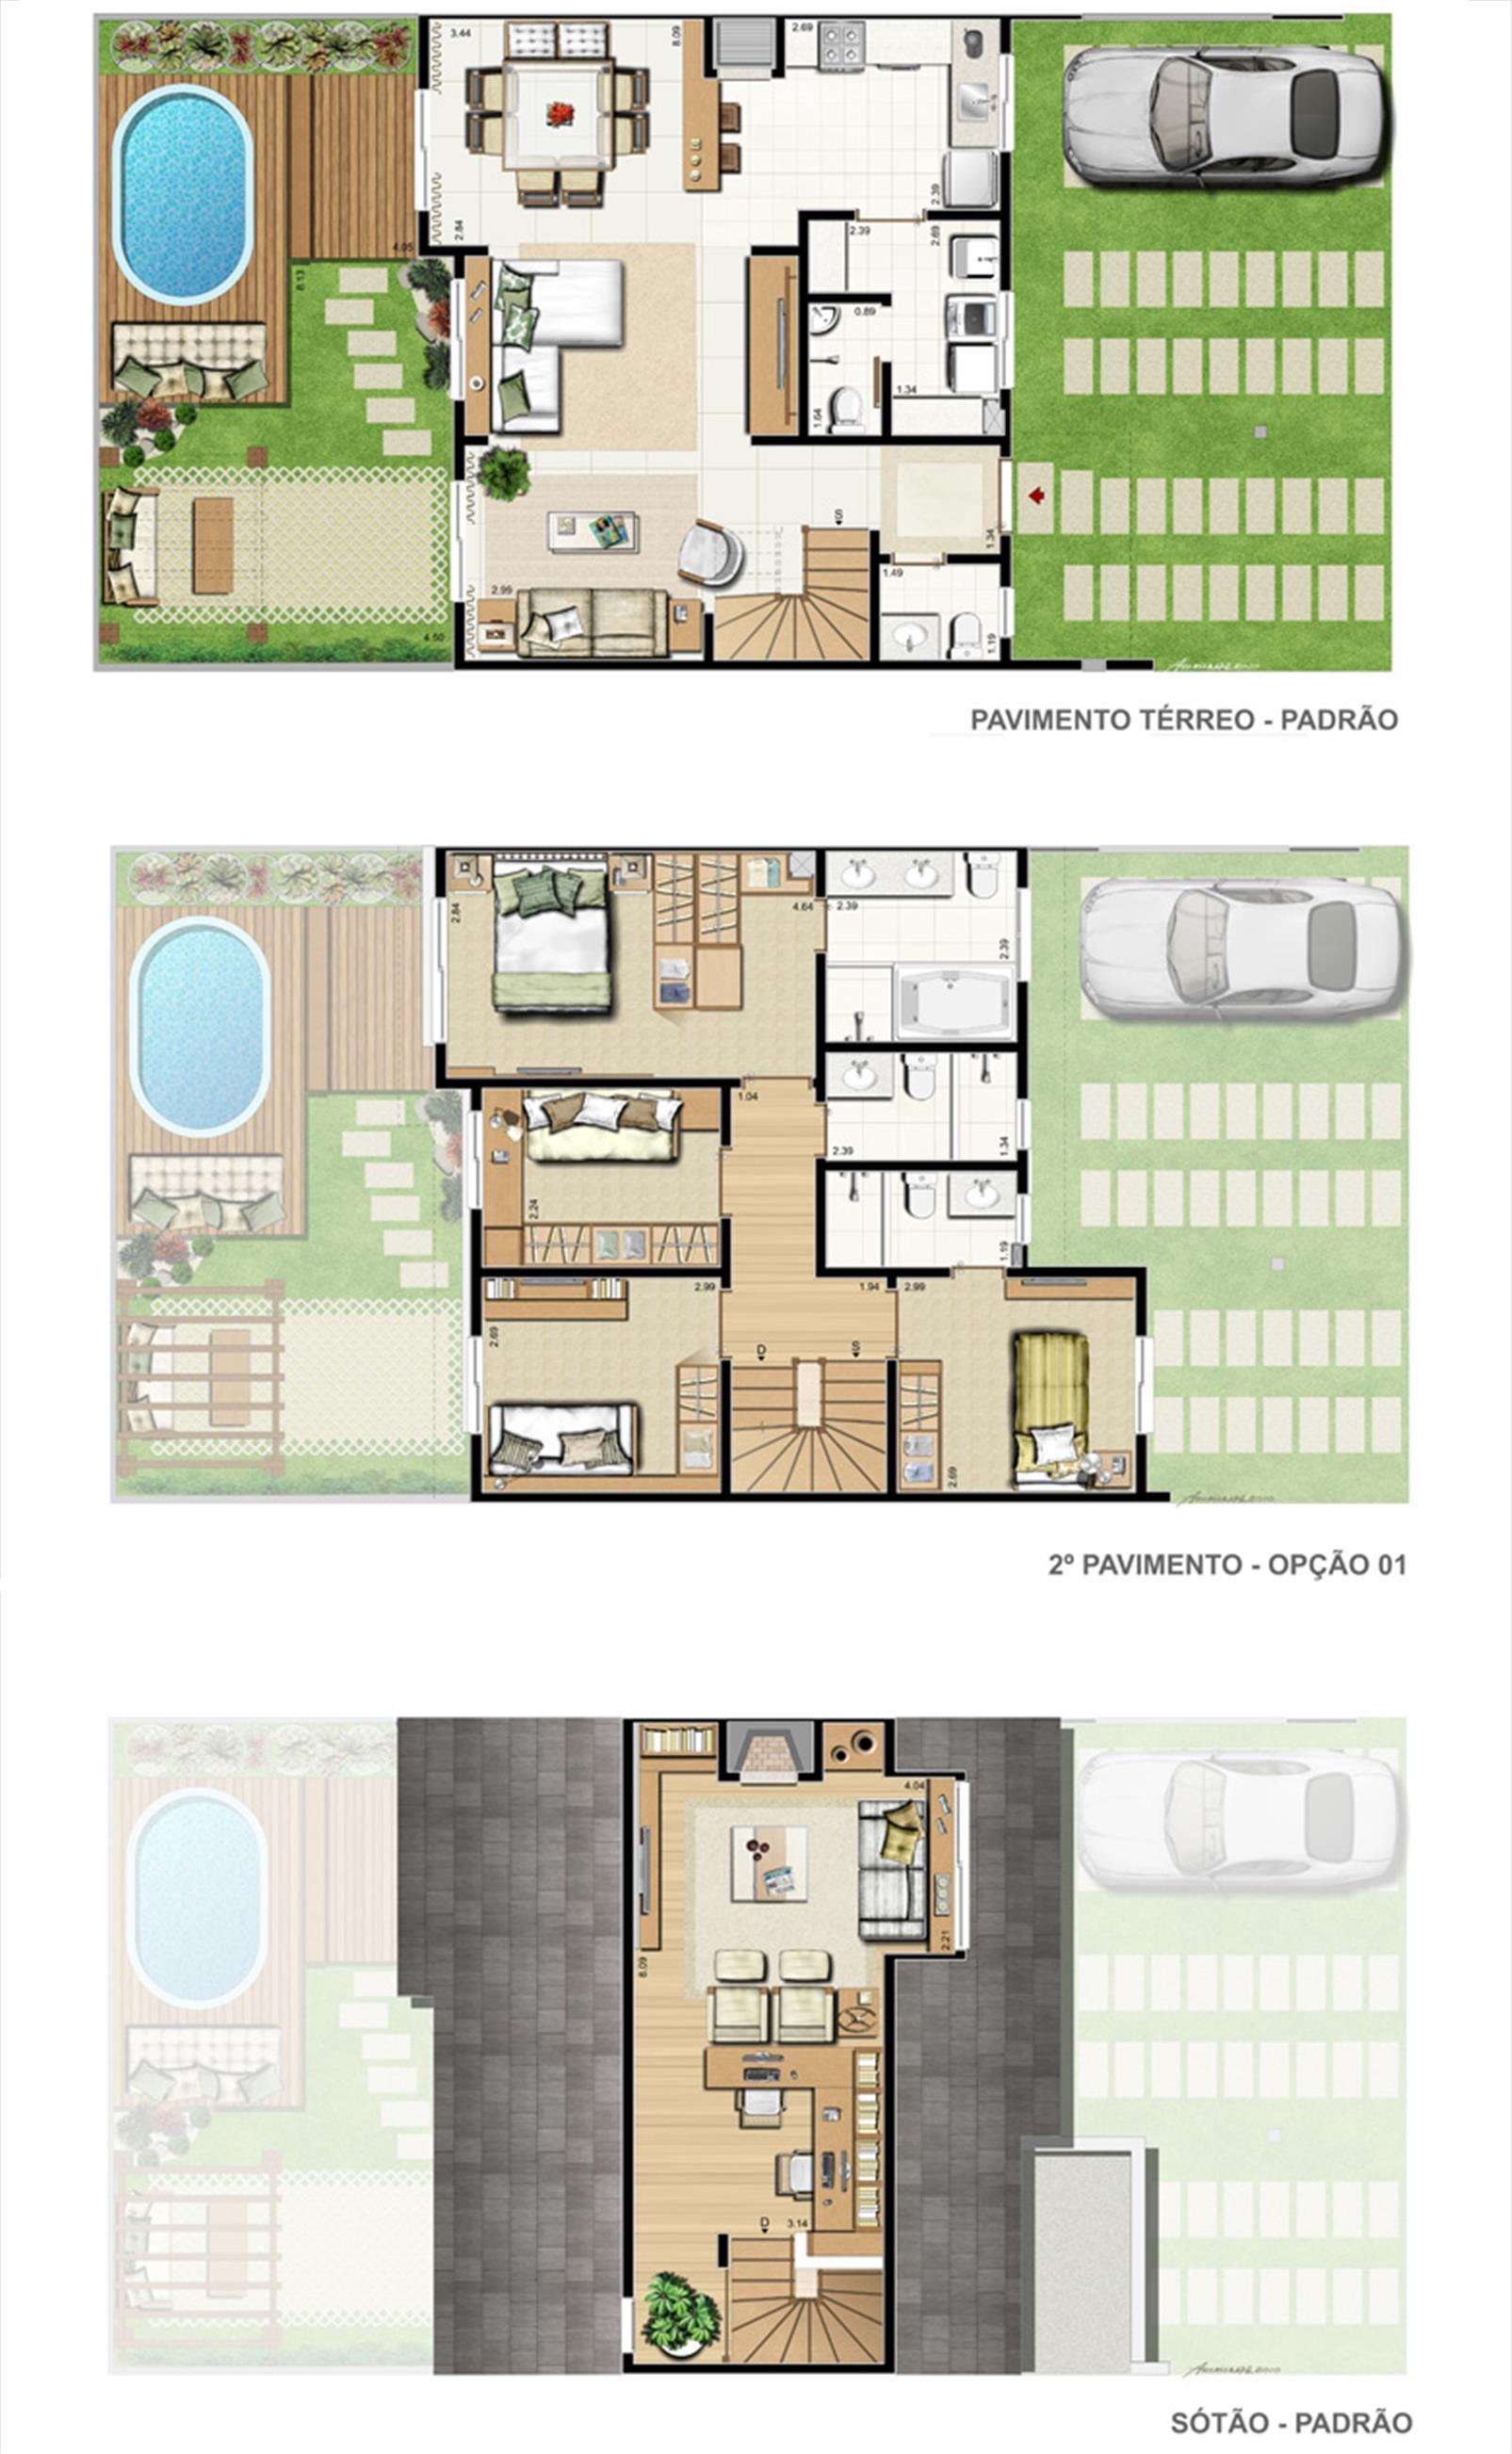 Casa Marseille   Opção 4 dorms, sendo 2 suítes e sotão com lareira. 161 m² privativos* | Privilege Exclusive Houses – Casano  Canoas - Moinhos de Vento - Canoas - Rio Grande do Sul